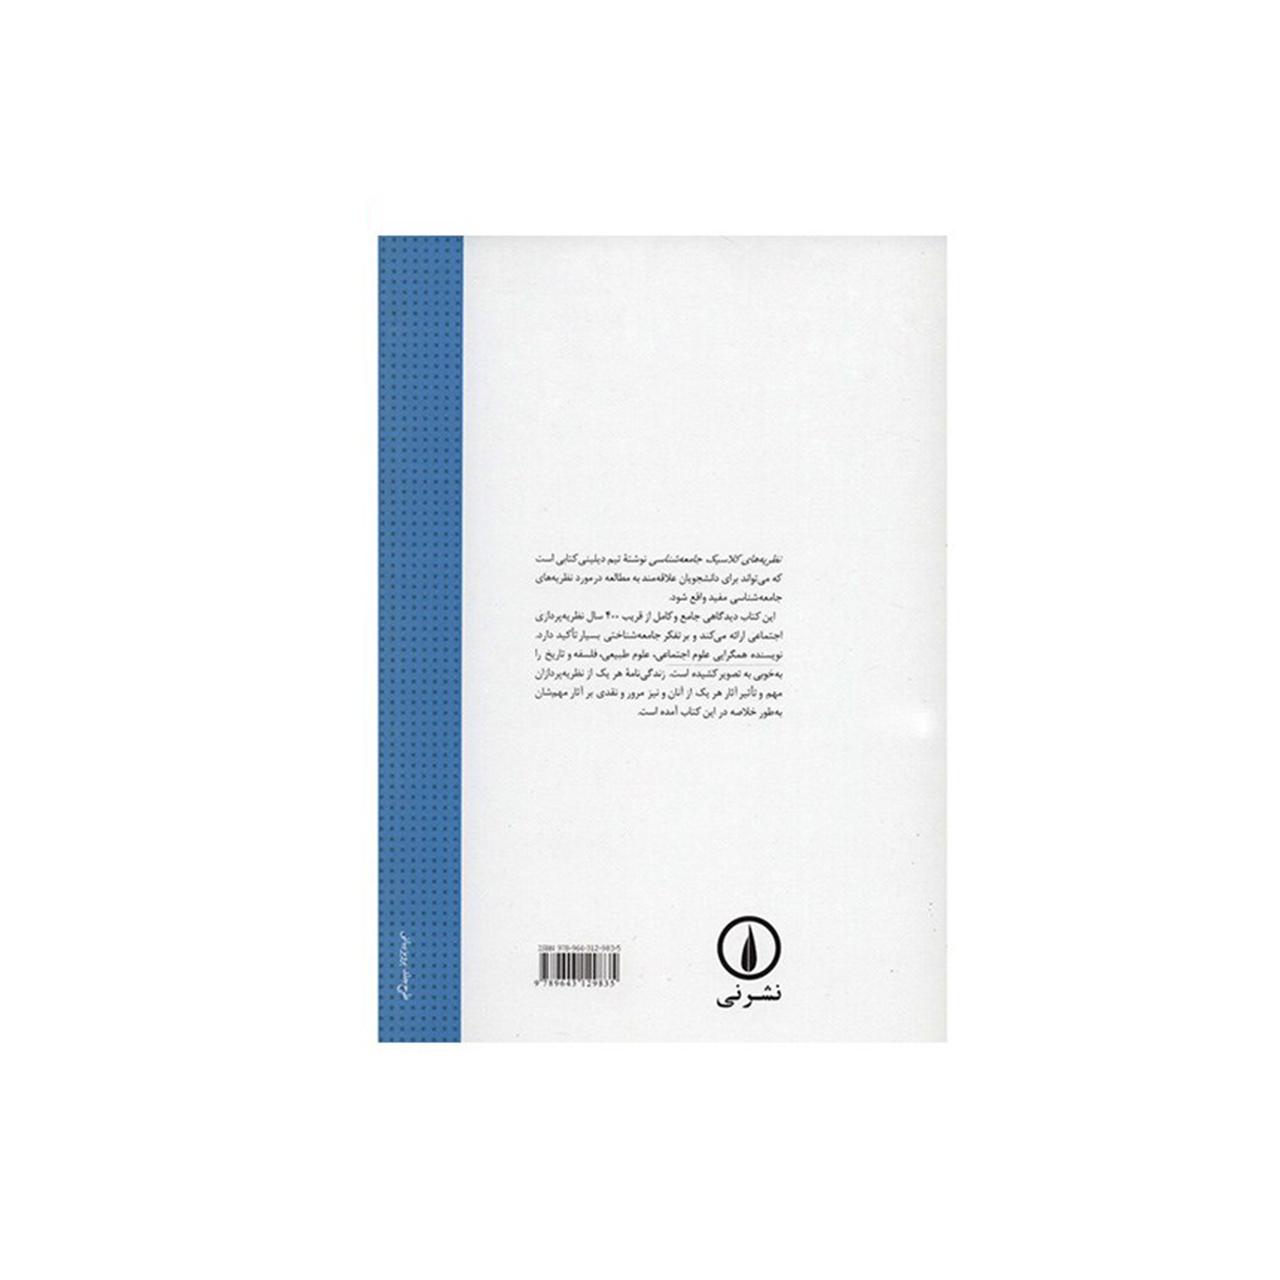 خرید                      کتاب نظریه های کلاسیک جامعه شناسی اثر تیم دیلینی